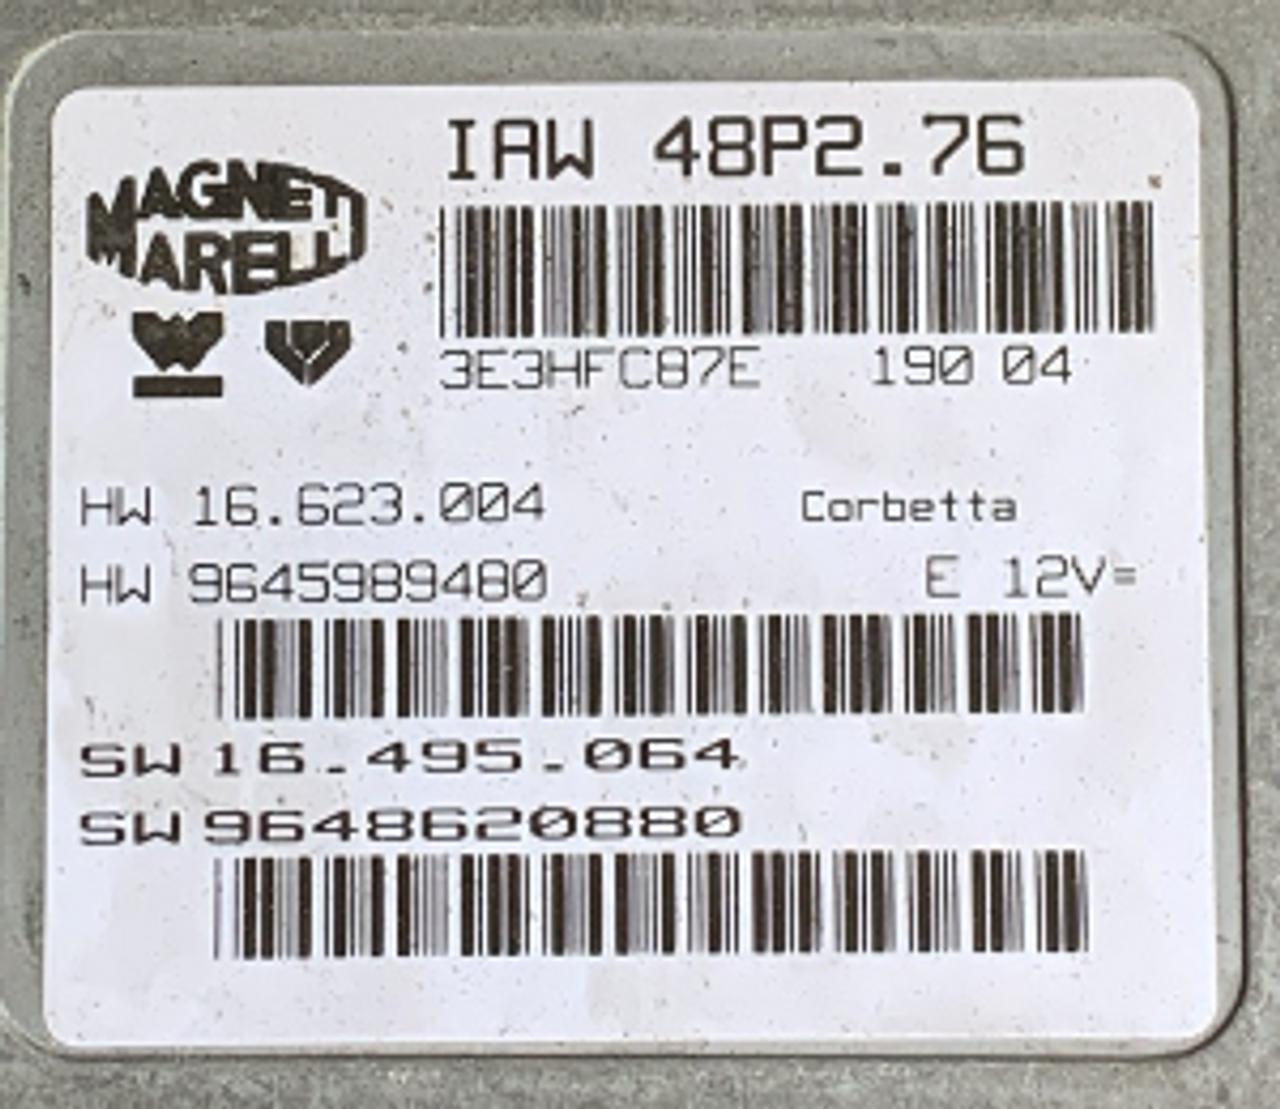 Peugeot / Citroen, IAW 48P2.76, HW 16623204, HW 9645989480, SW 16495064, SW 96408880